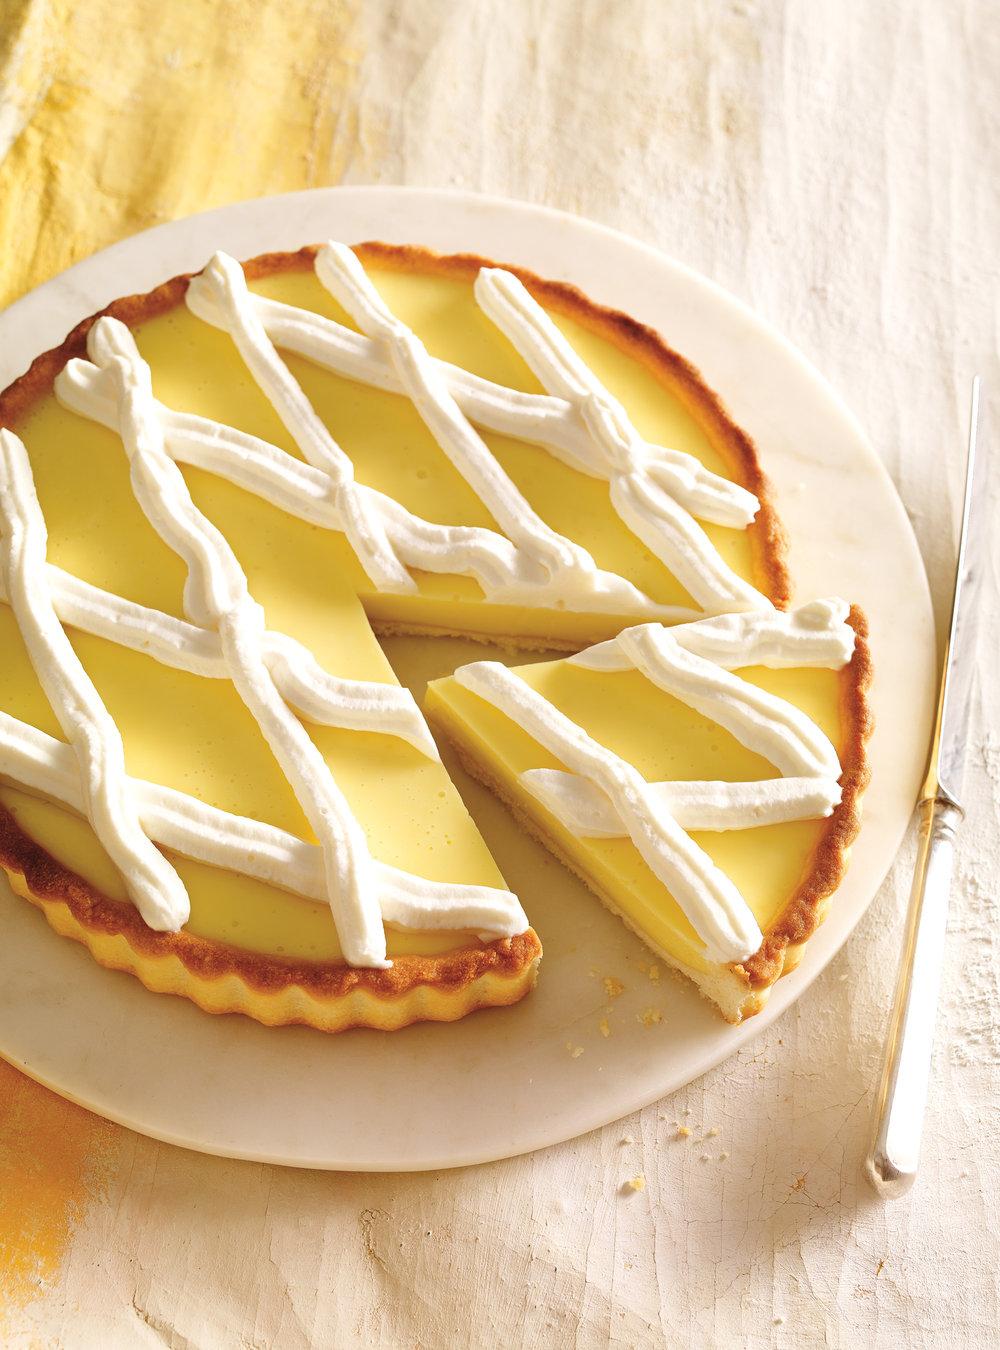 Tarte au citron sans oeufs | ricardo